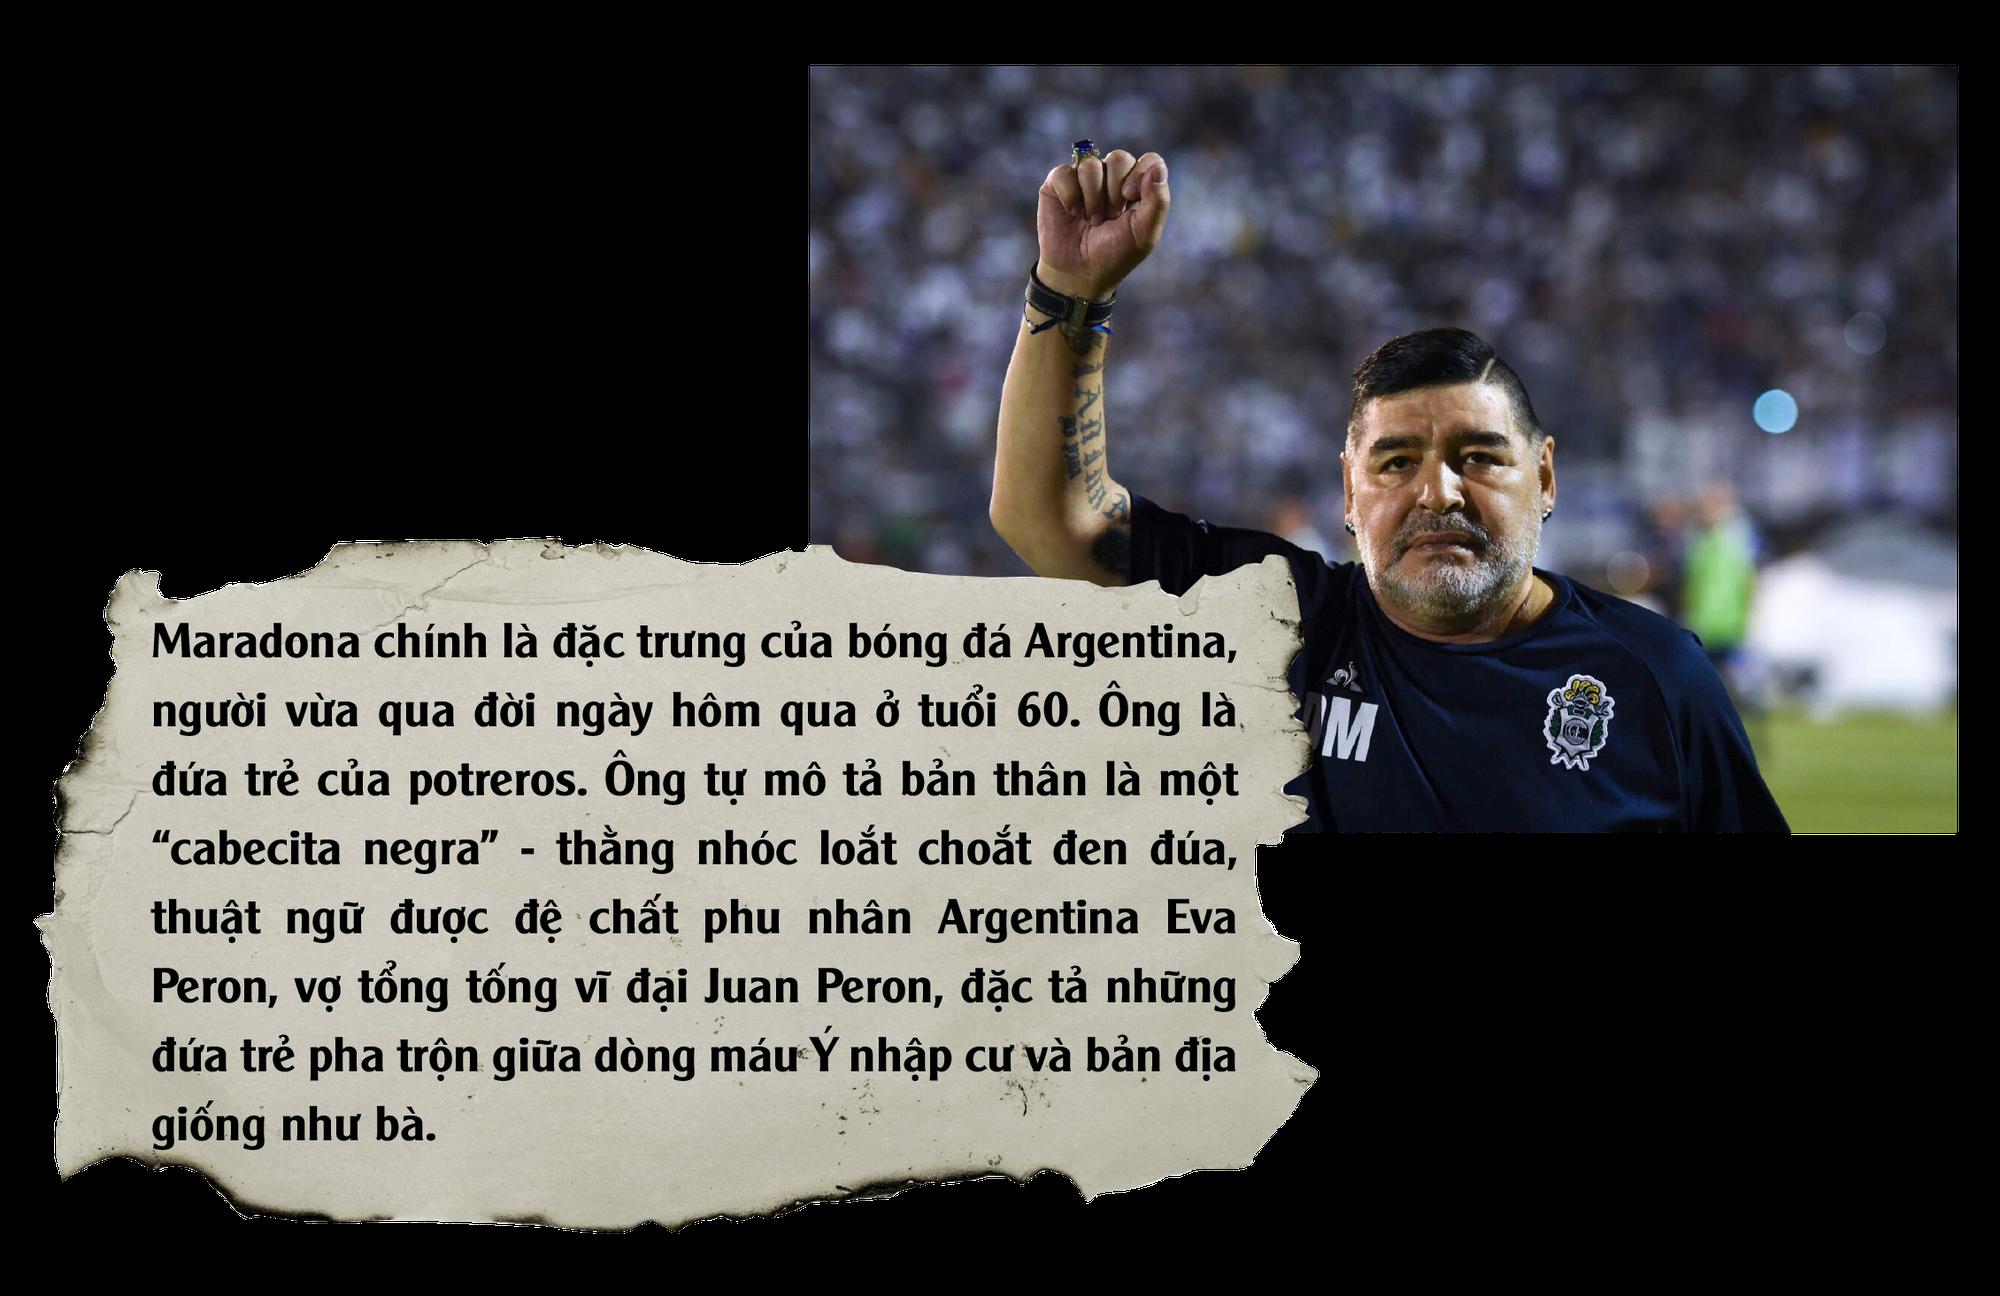 Diego Maradona: Vĩnh biệt vị lãnh tụ thiên tài ứng nghiệm từ lời tiên tri - Ảnh 5.